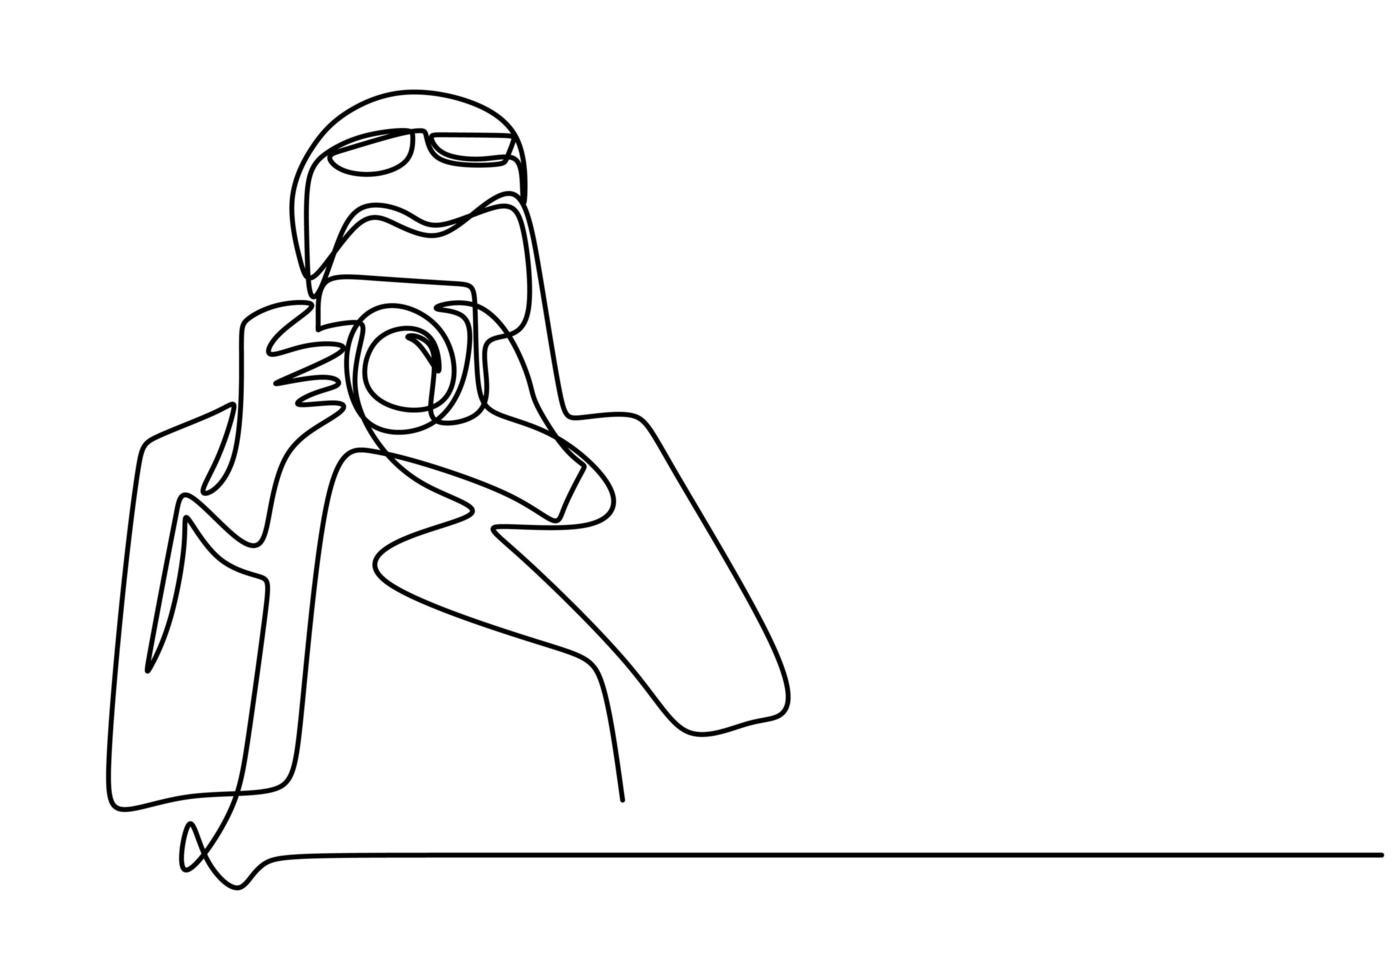 fotógrafo contínuo ilustração de uma linha. homem tirando foto. cara fotografando com câmera fotográfica. desenho de uma linha contínua, ilustração vetorial. vetor